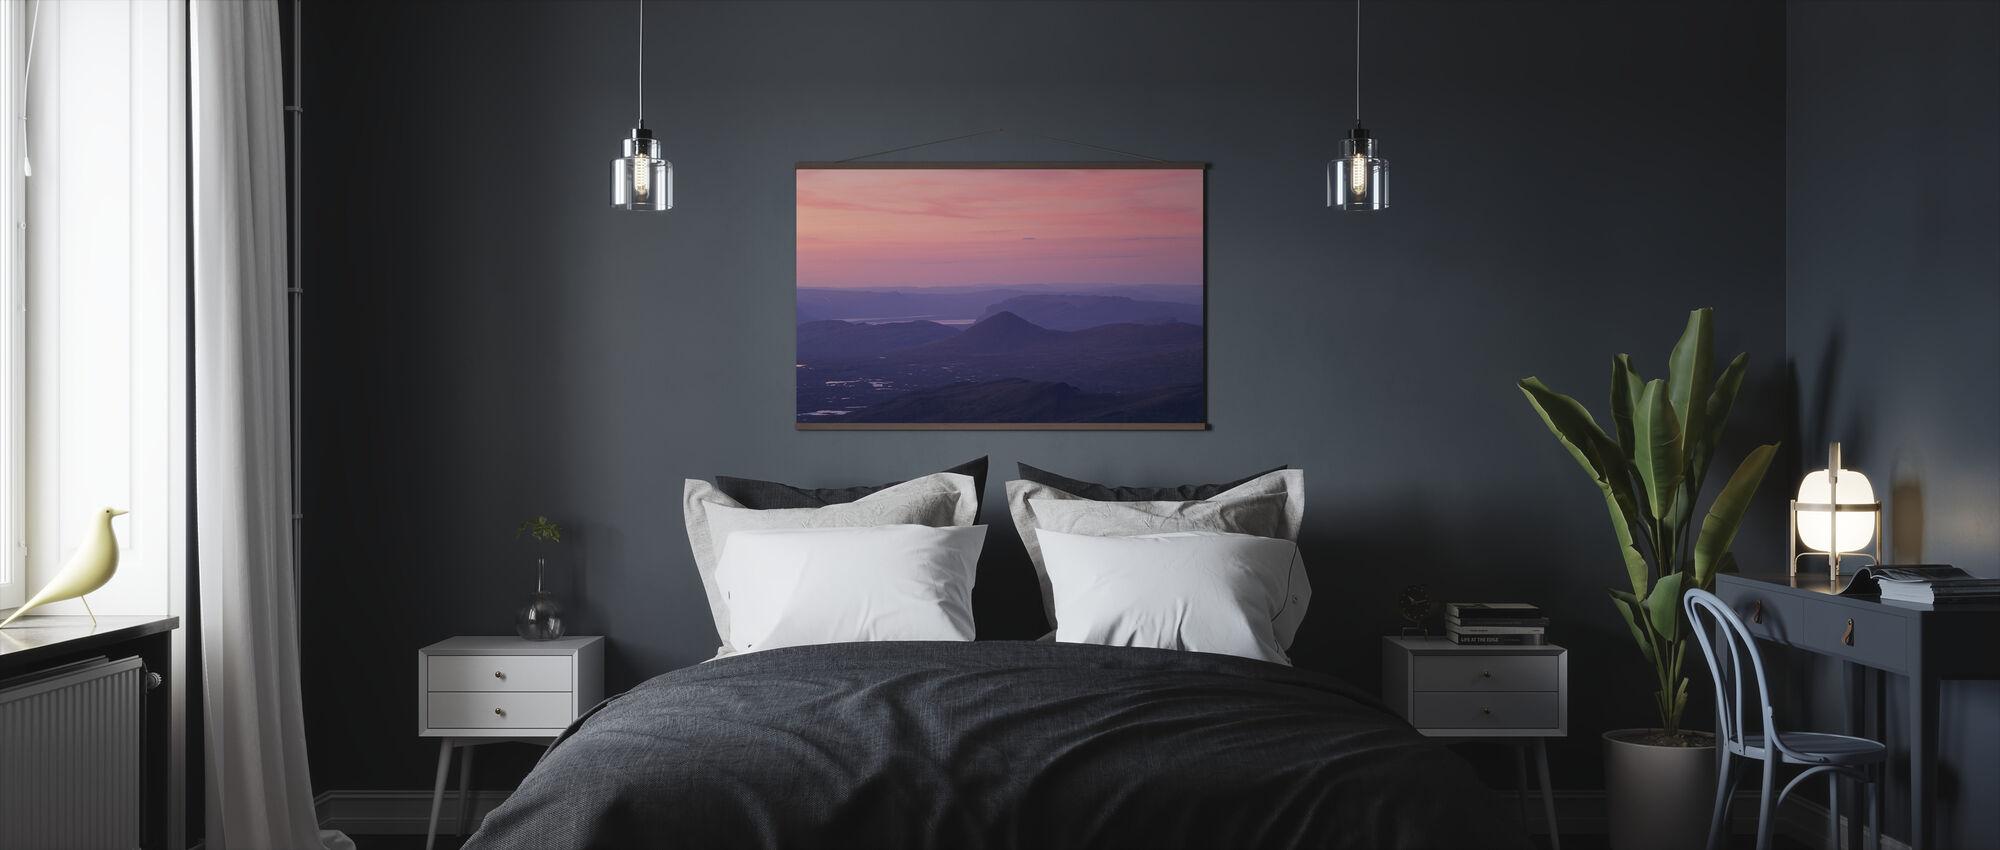 Moon over Sarek National Park, Sweden - Poster - Bedroom